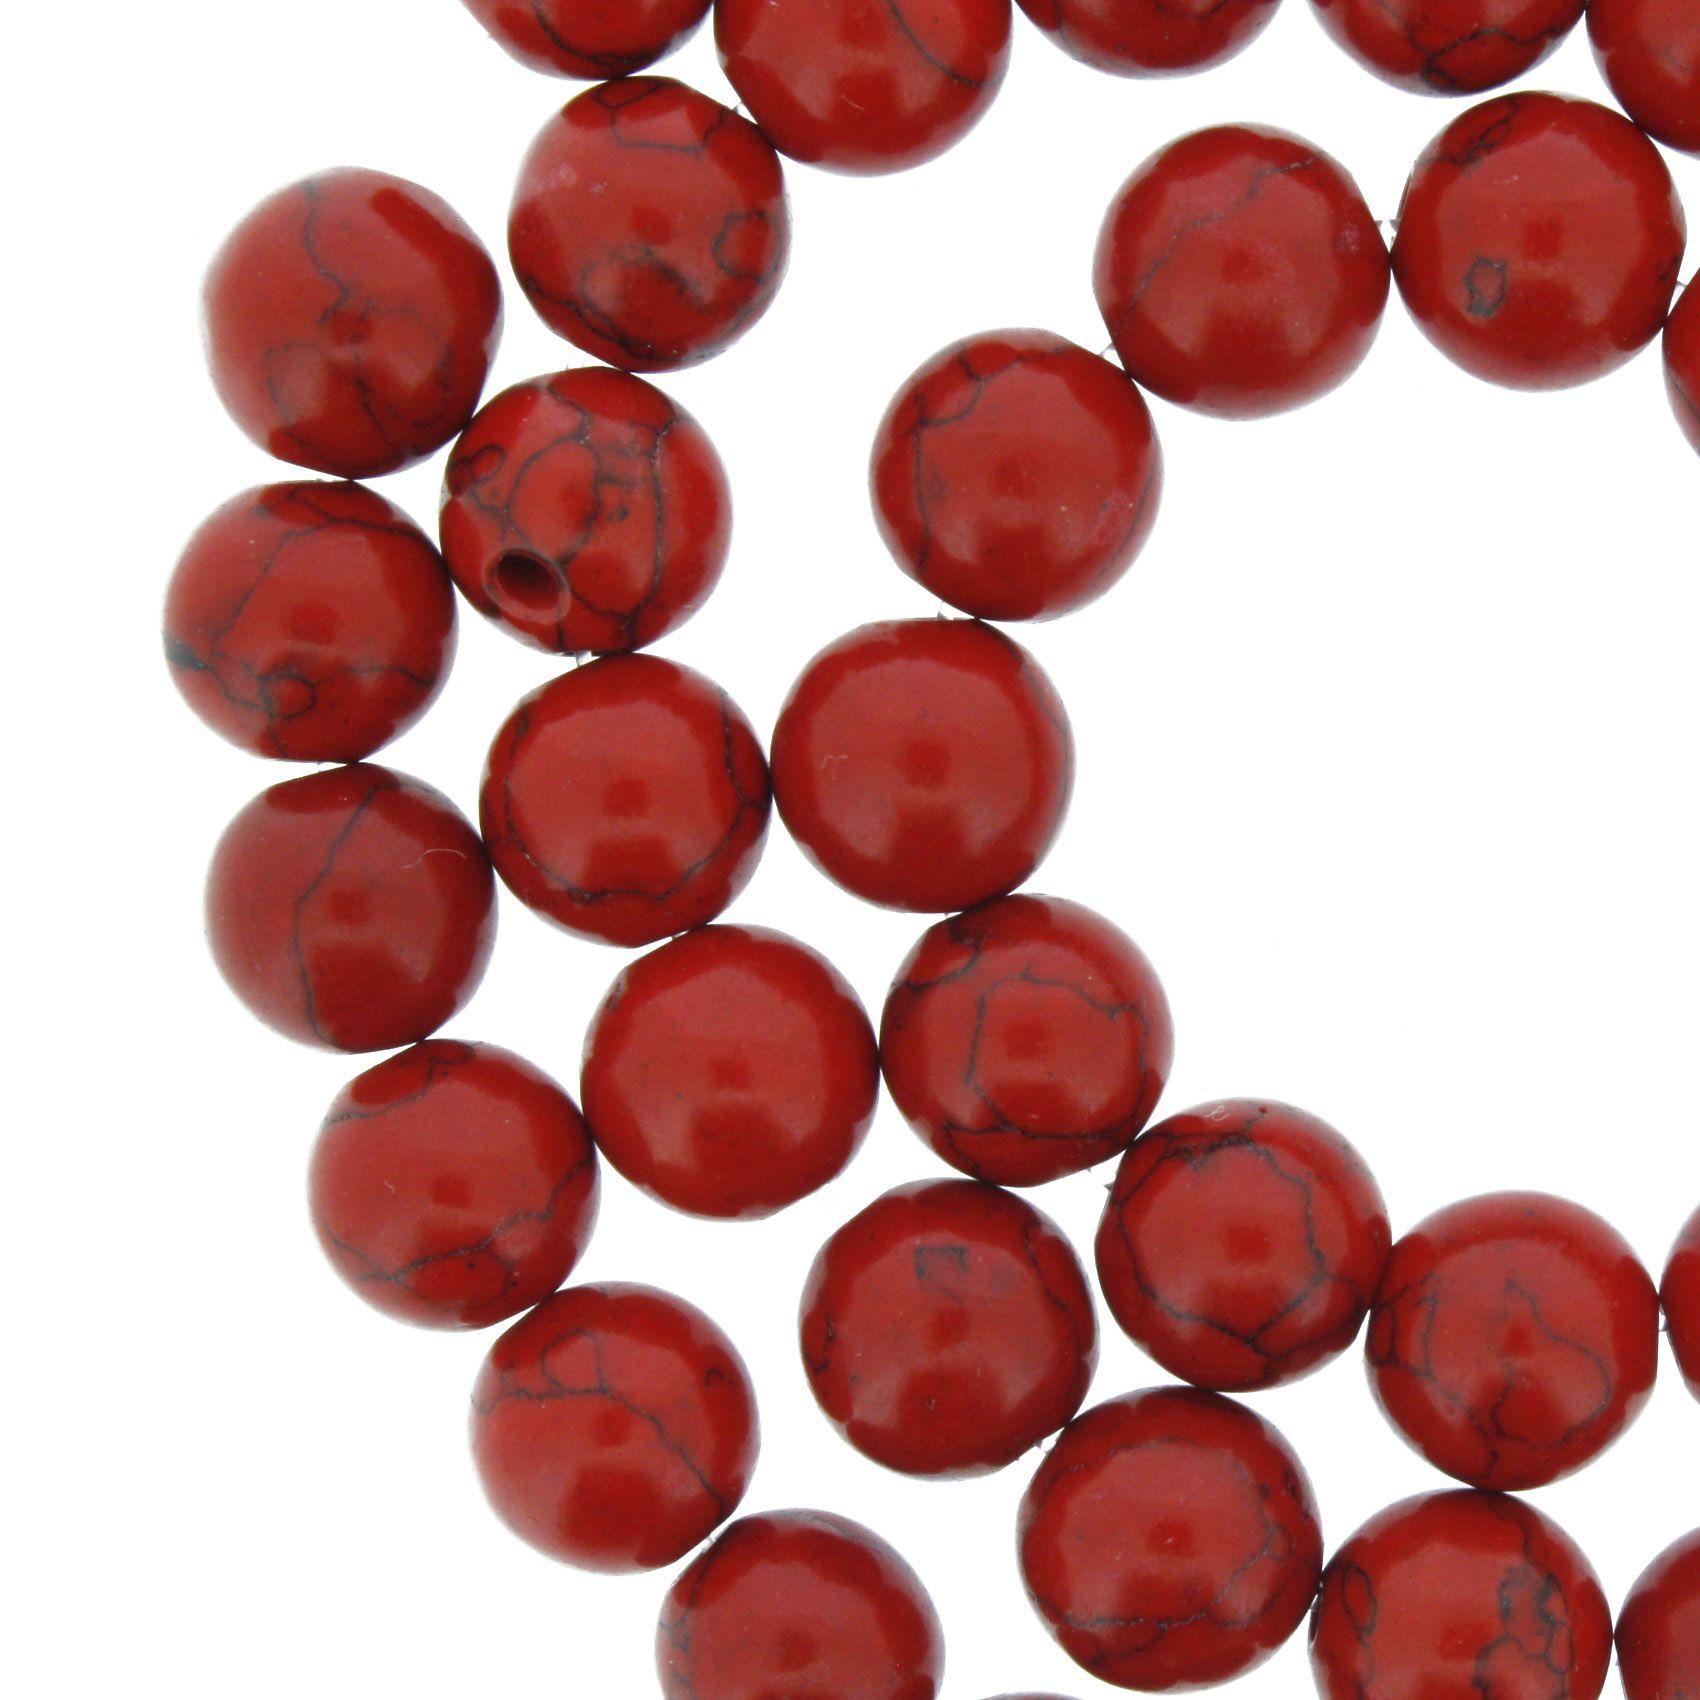 Fio de Pedra - Howlita Vermelha - 8mm  - Stéphanie Bijoux® - Peças para Bijuterias e Artesanato